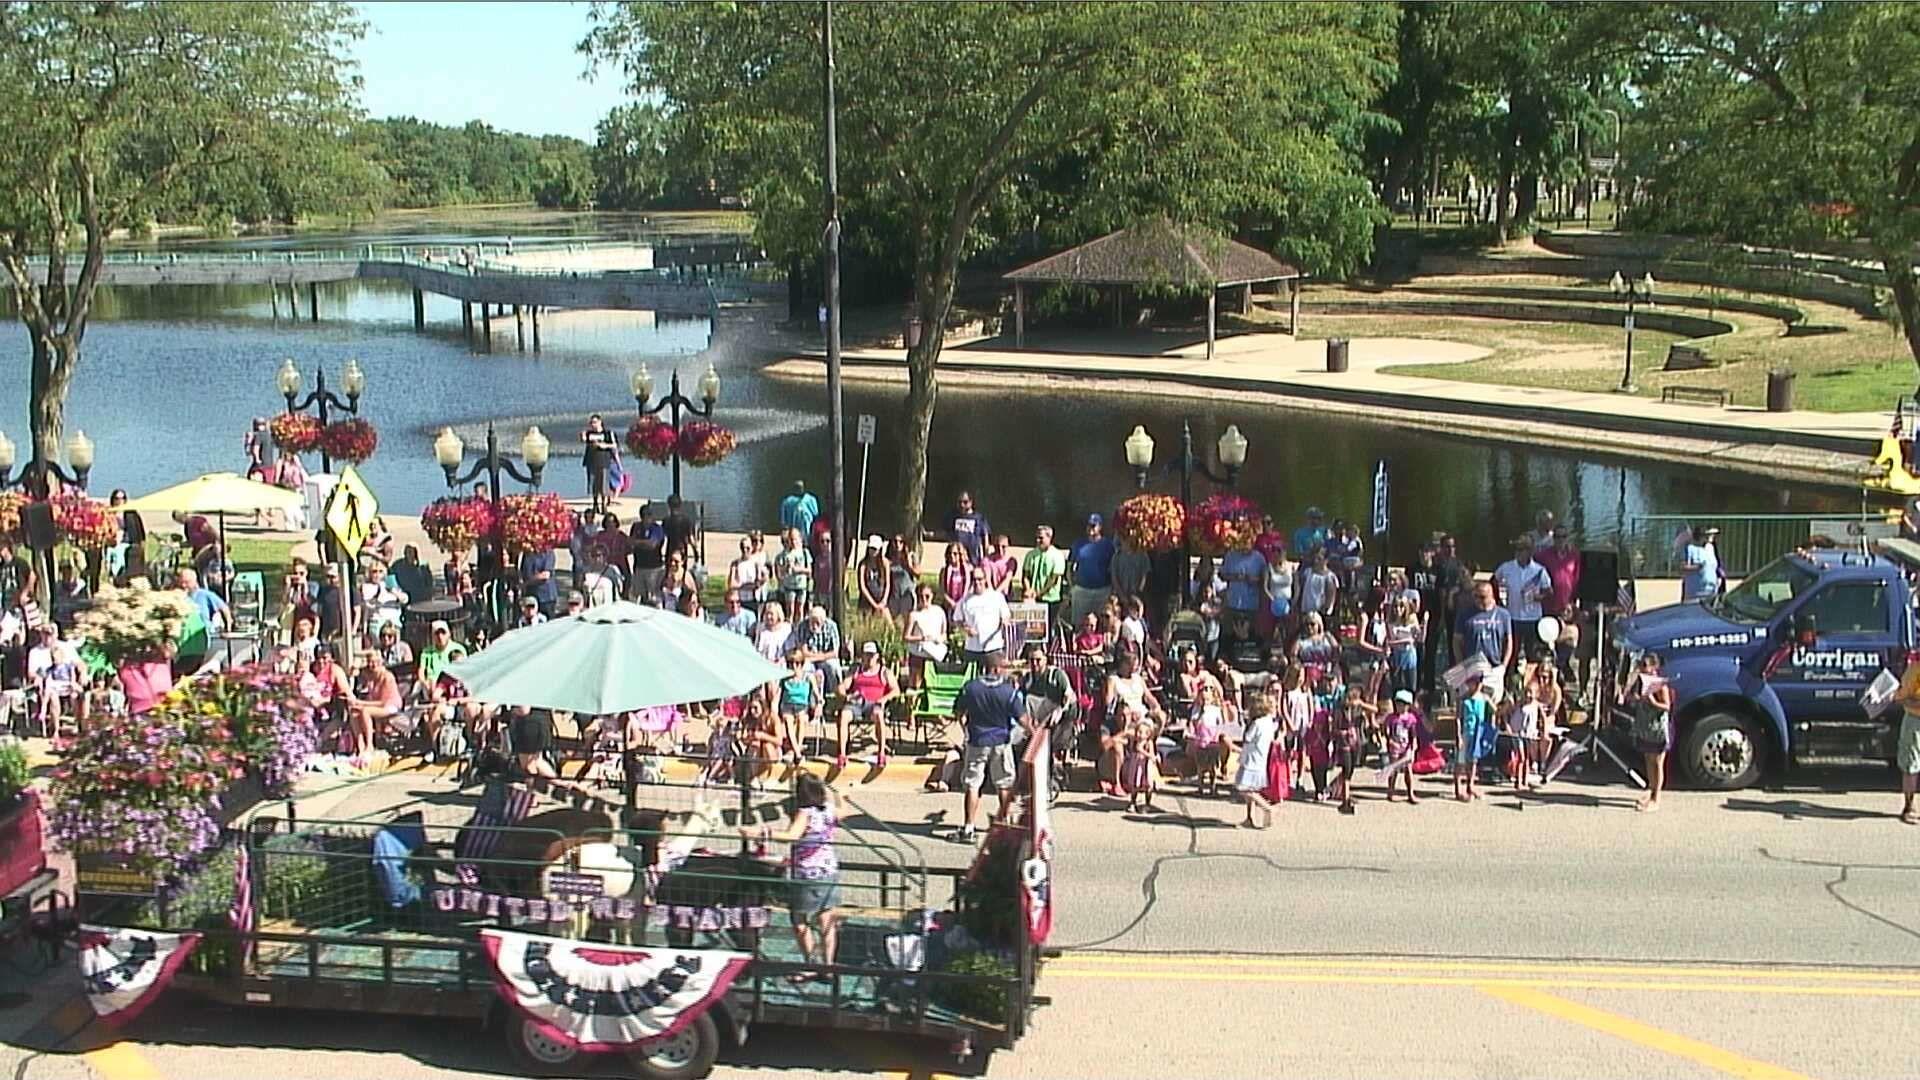 brighton mi webcam july 4 parade